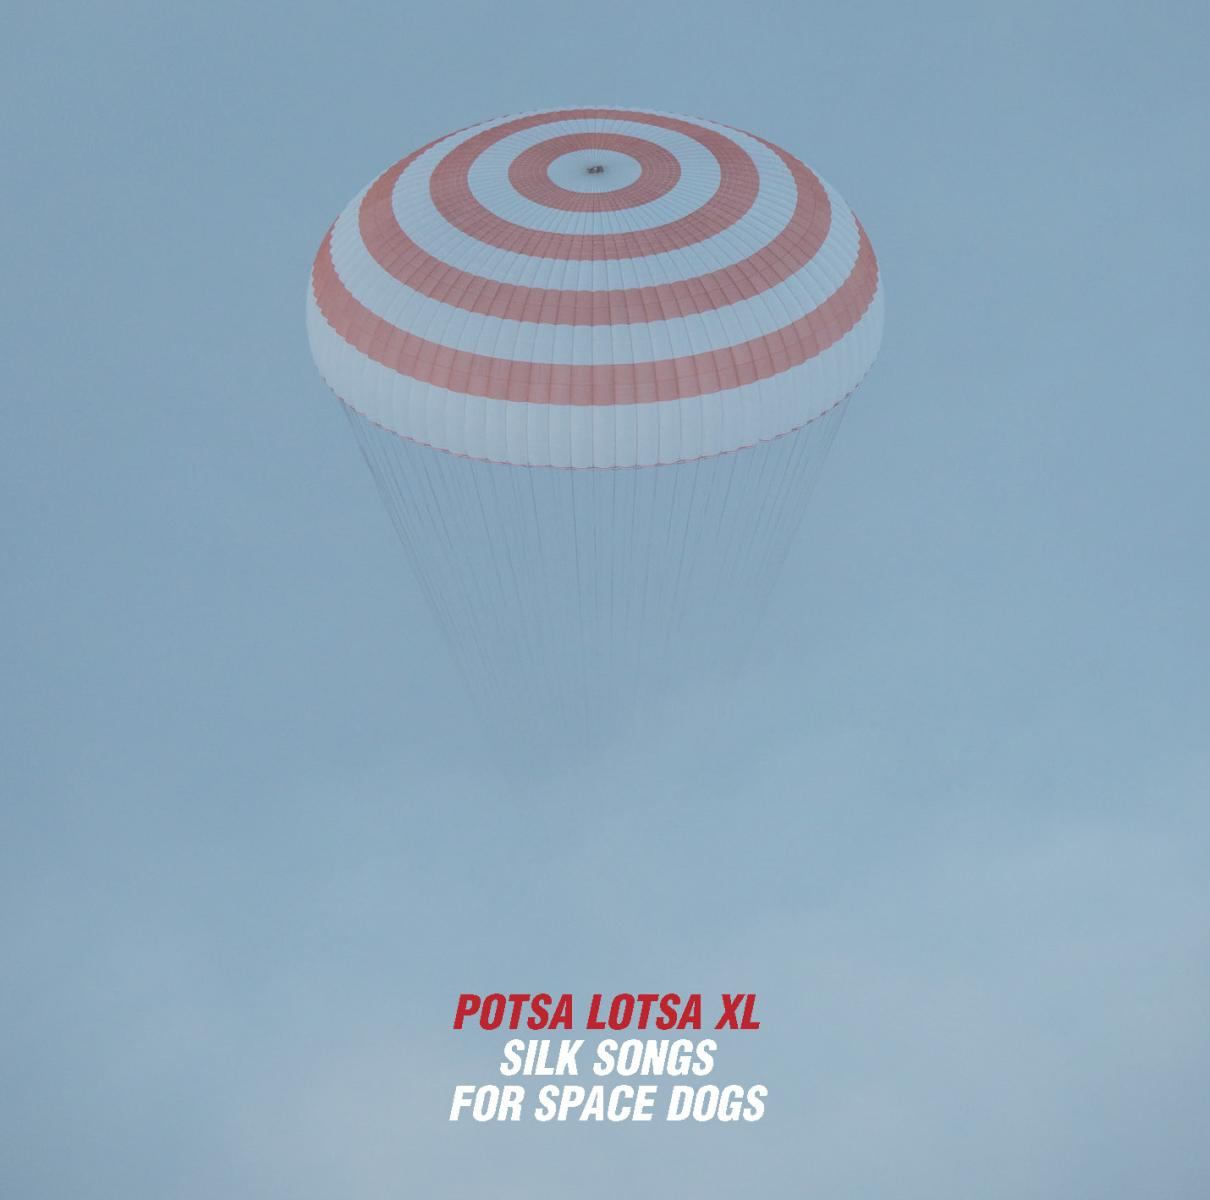 Potsa-Lotsa-XL